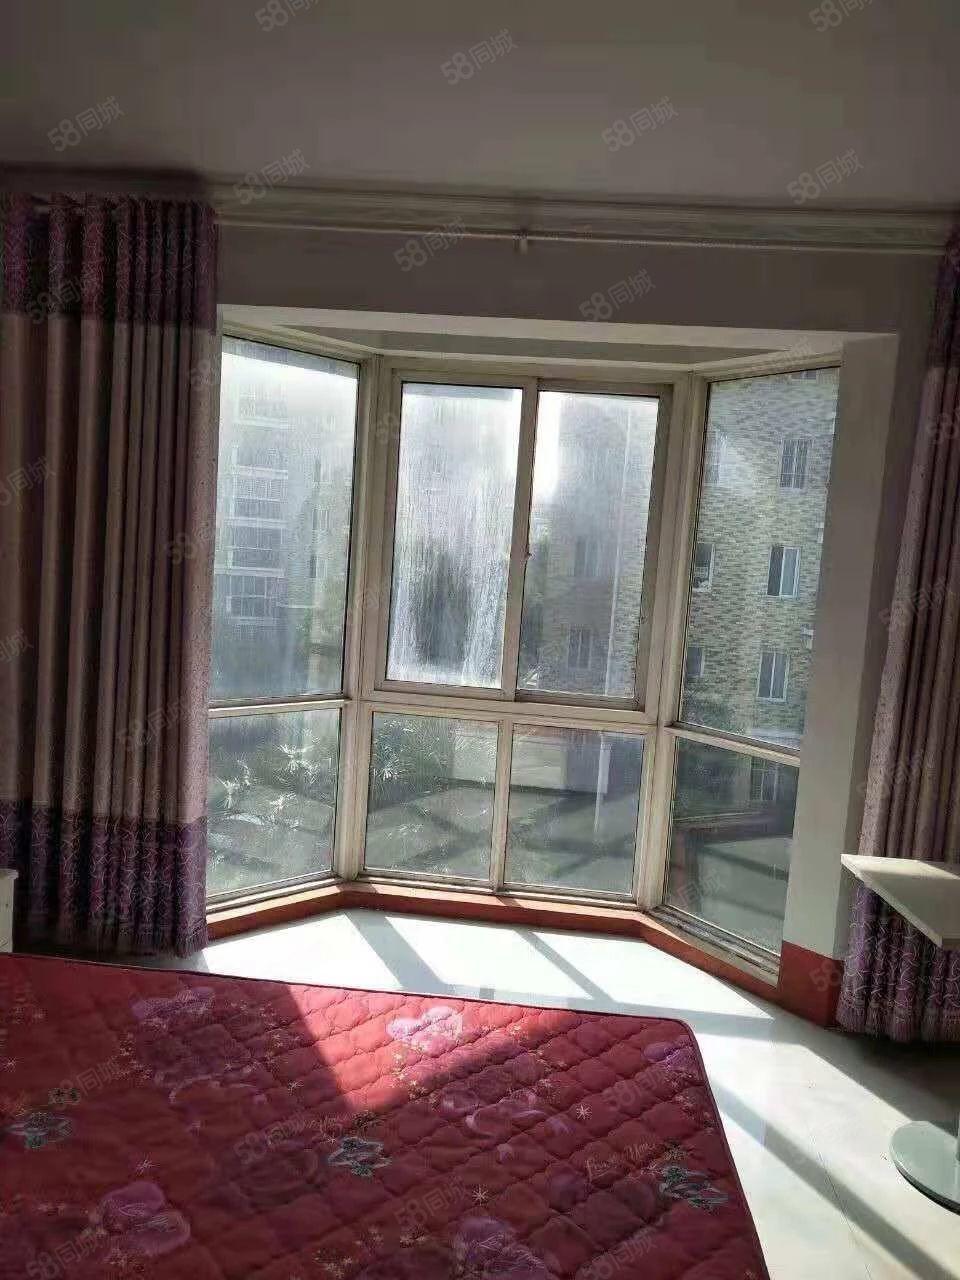 中豫世纪城三室两厅两卫年租12000